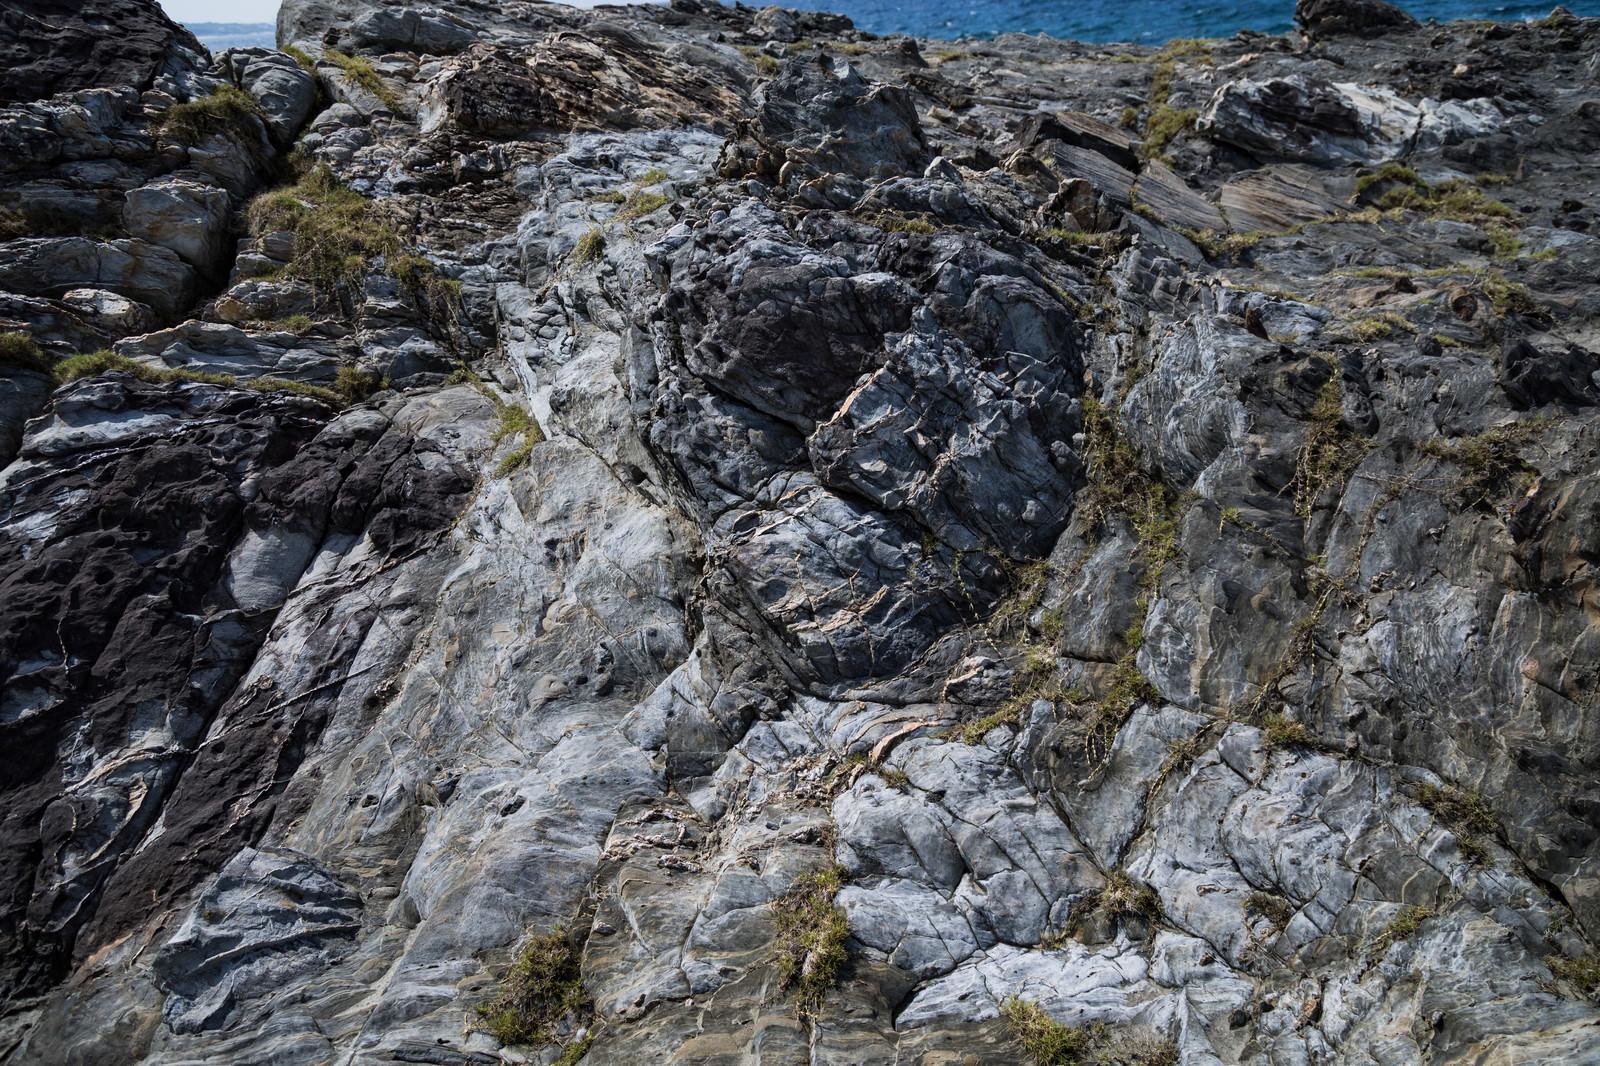 「泥岩のメランジ堆積物」の写真